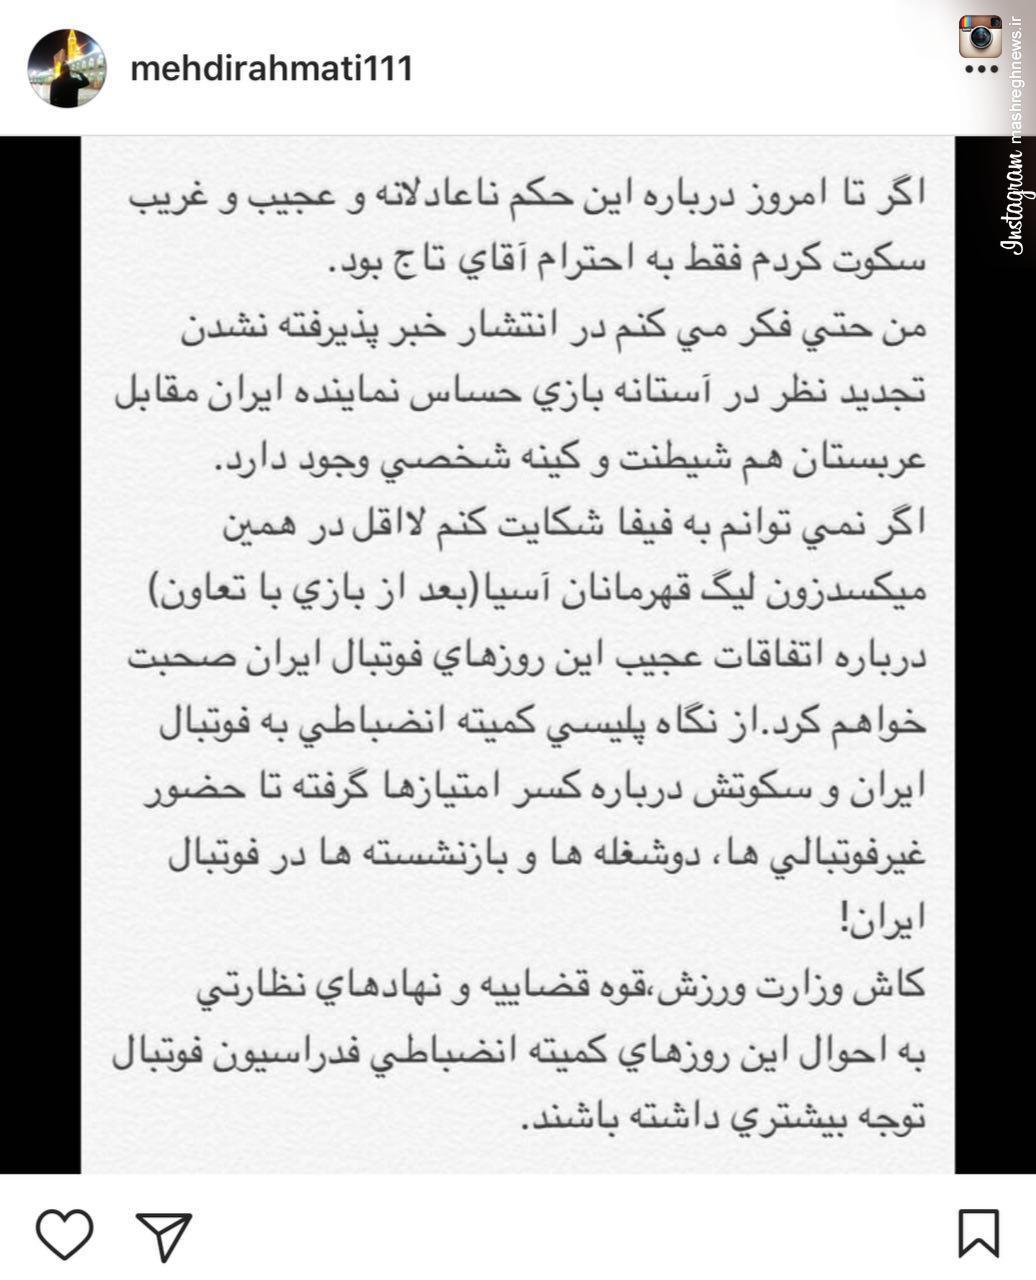 واکنش تند مهدی رحمتی به کمیته انضباطی/عکس